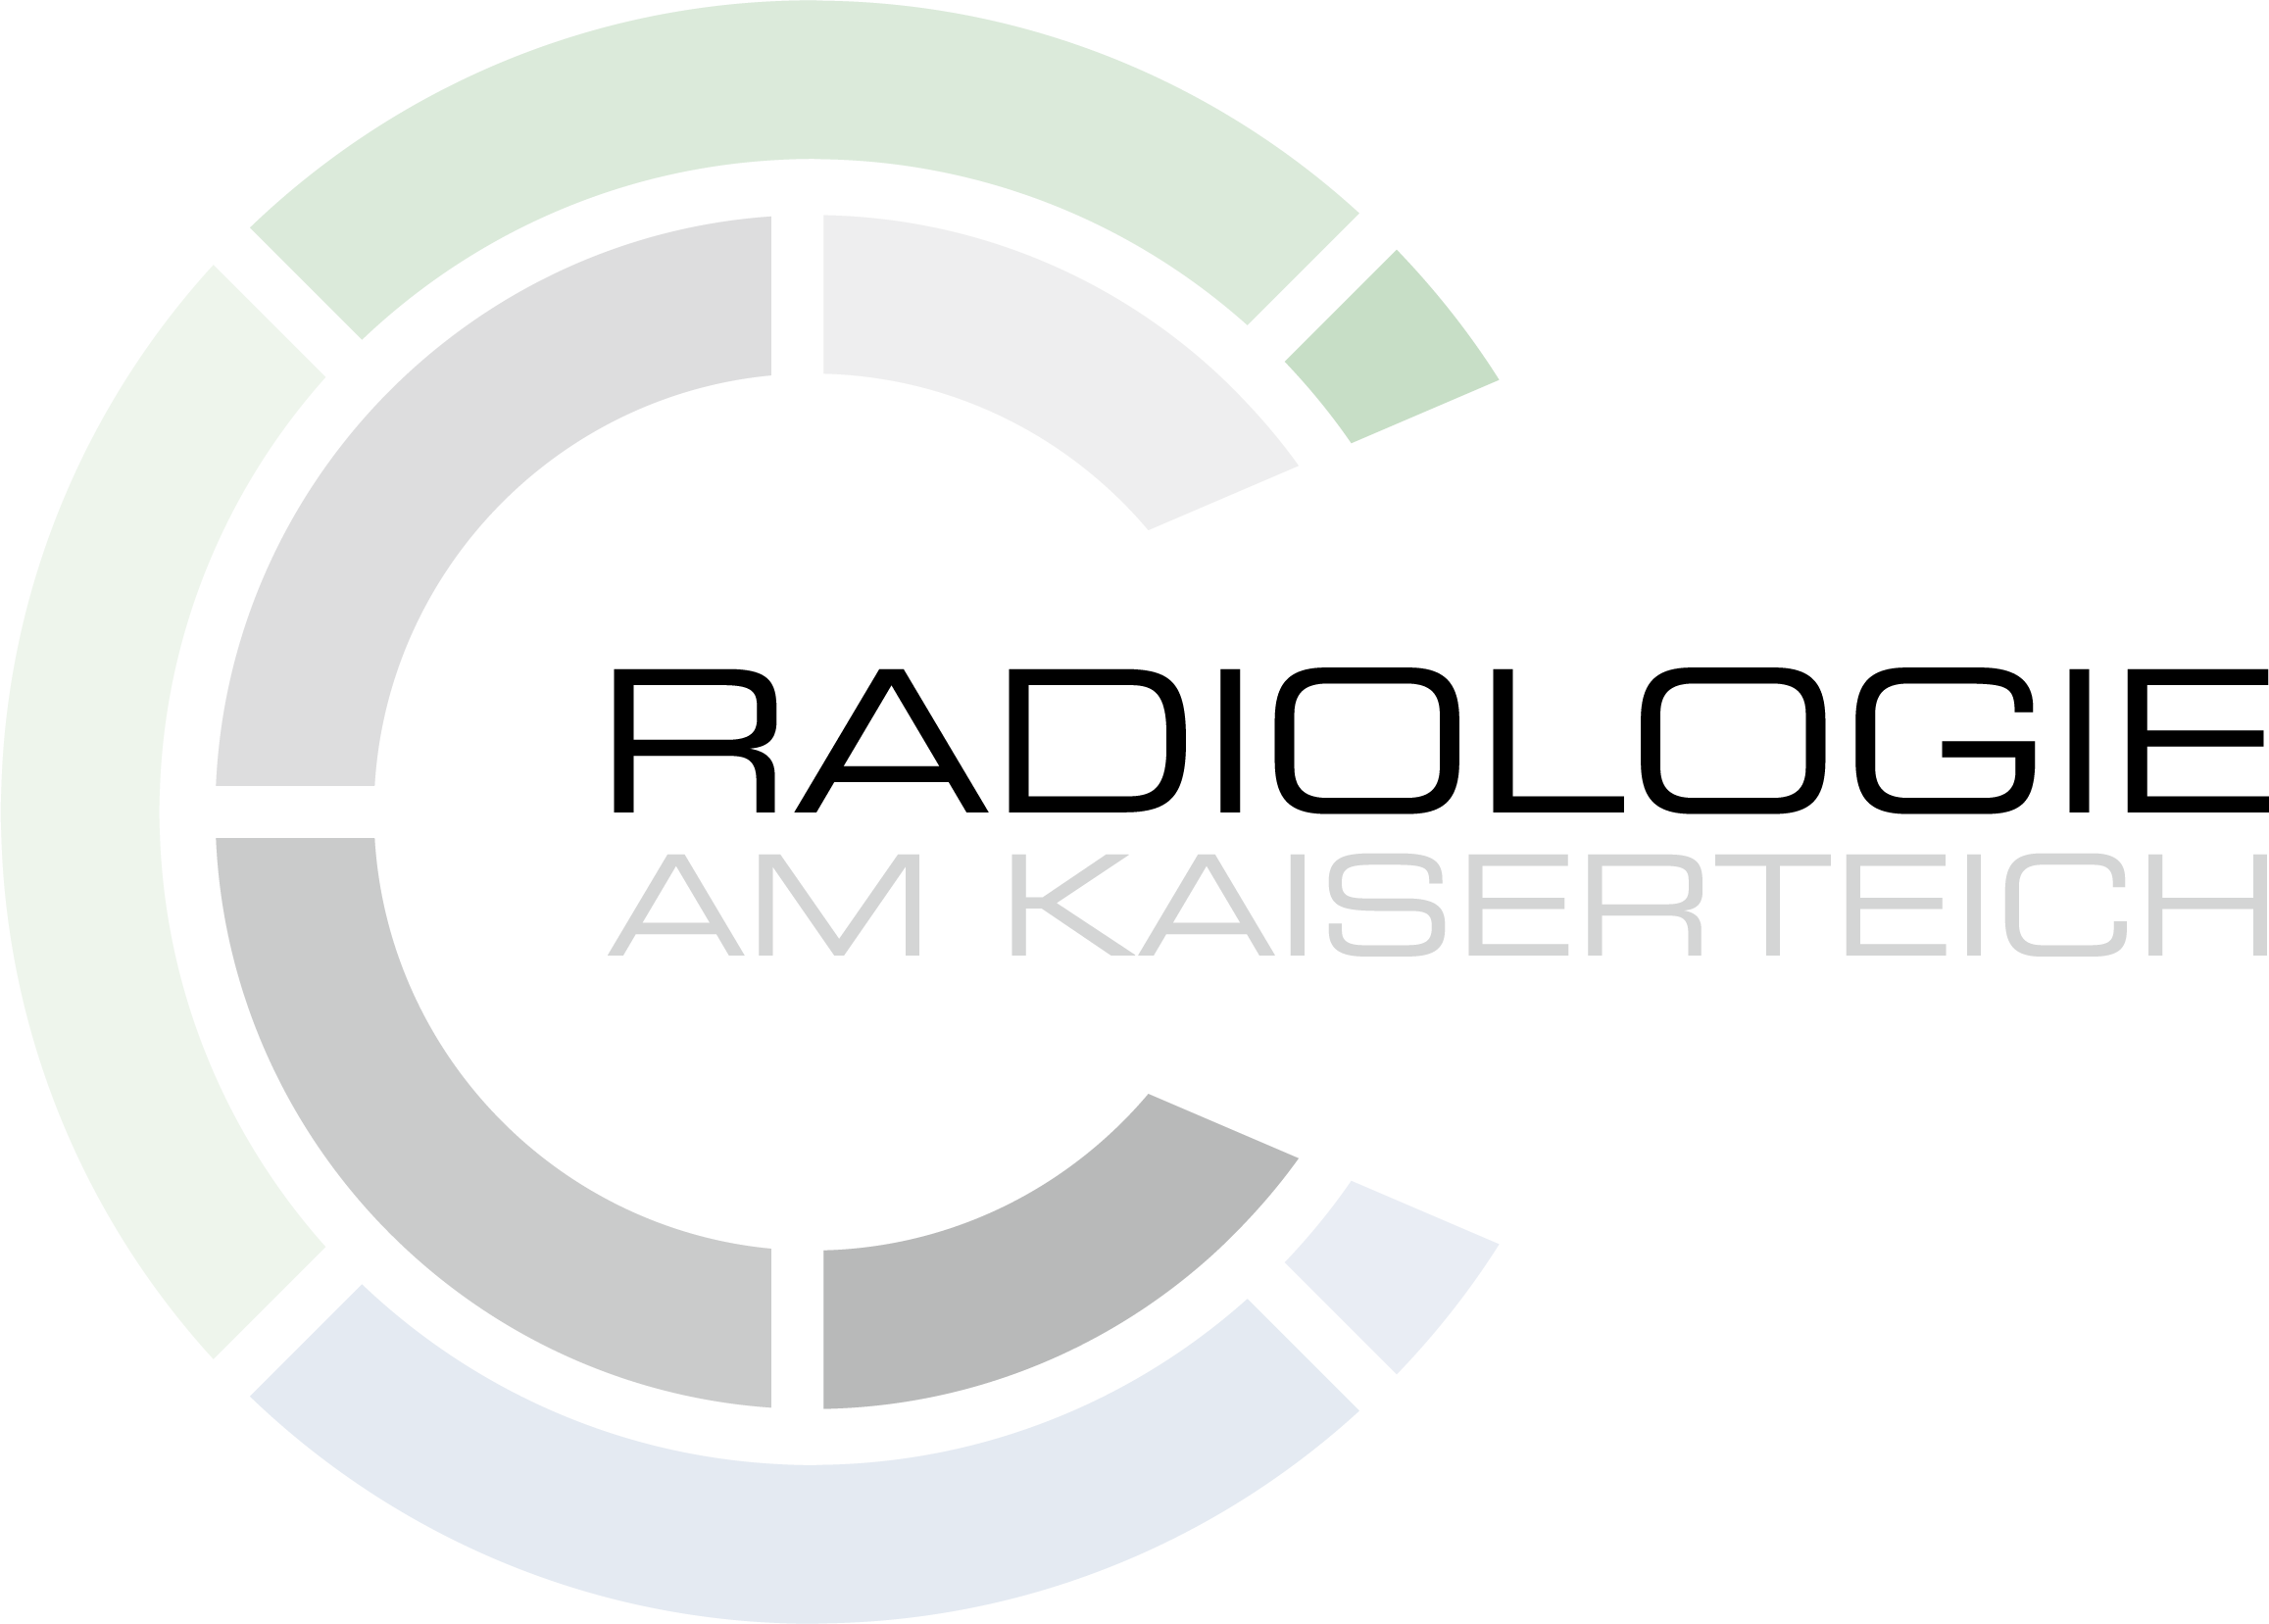 Radiologie am Kaiserteich Düsseldorf Praxis logo